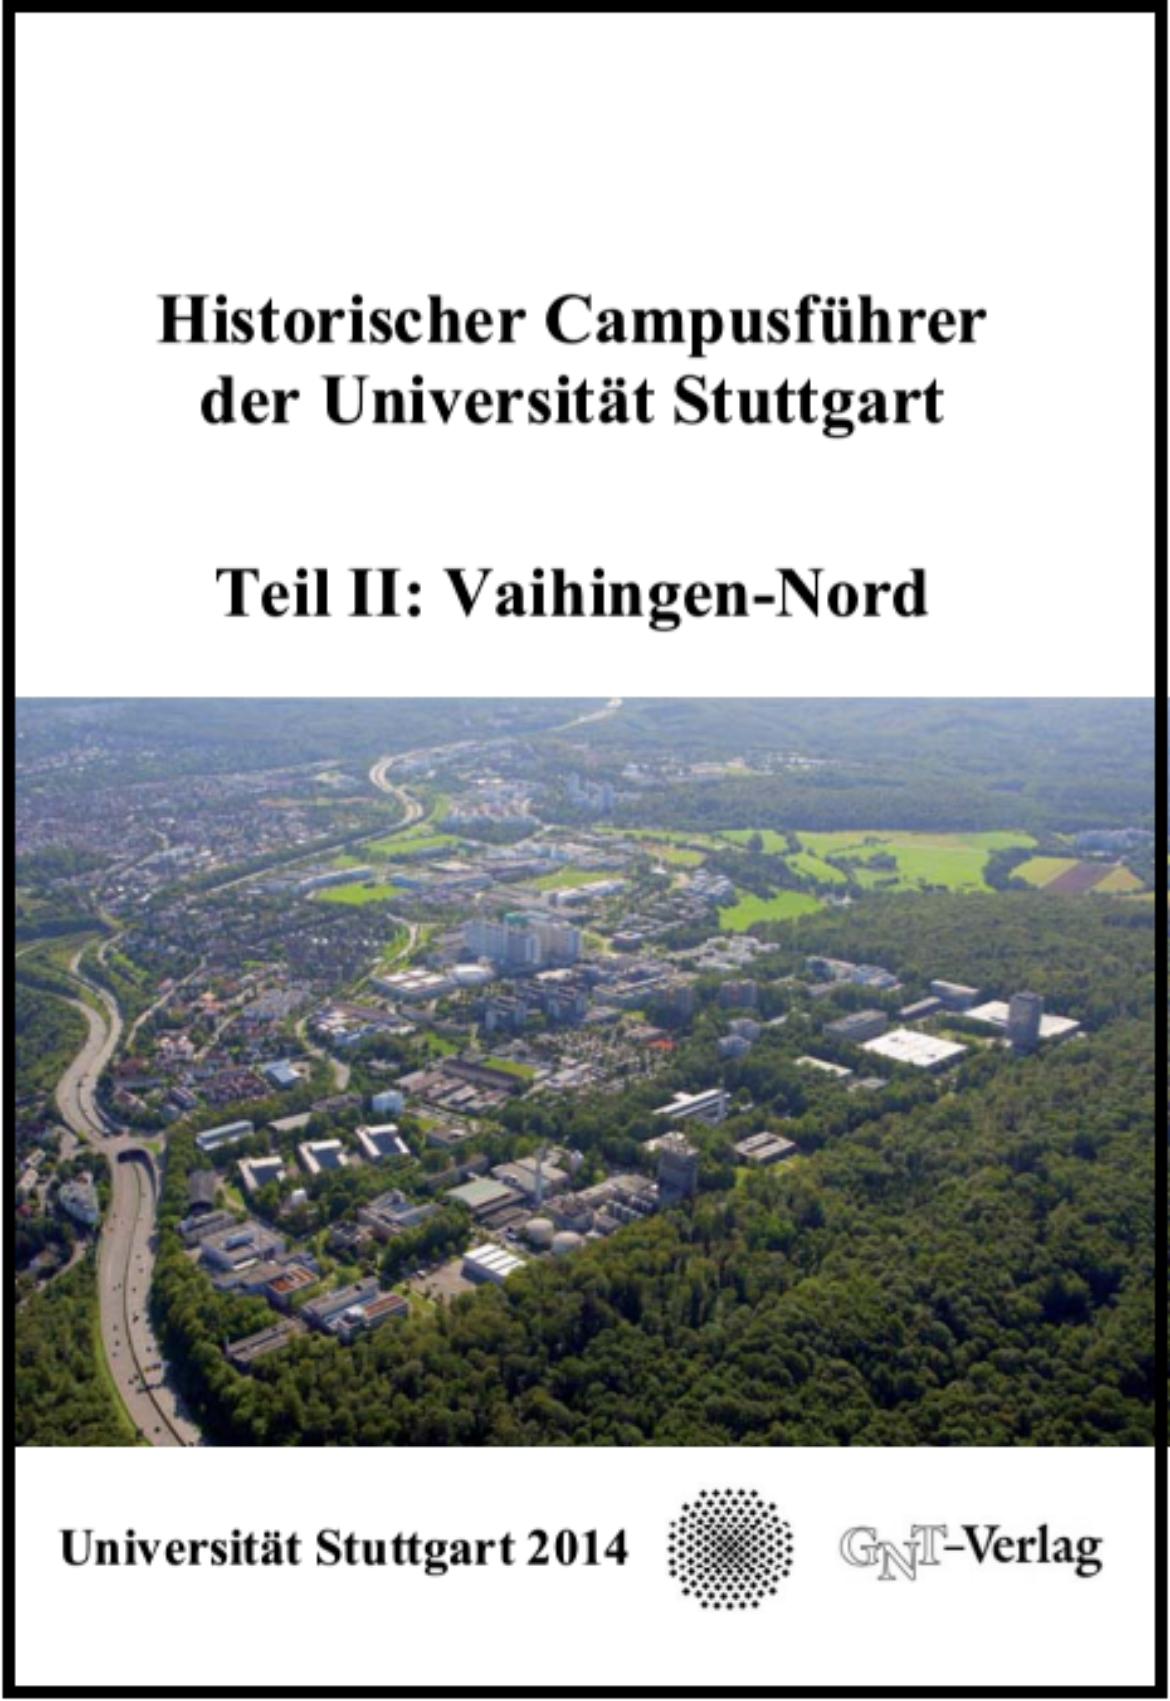 Historischer Campusführer der Universität Stuttgart, Teil II: Vaihingen-Nord.